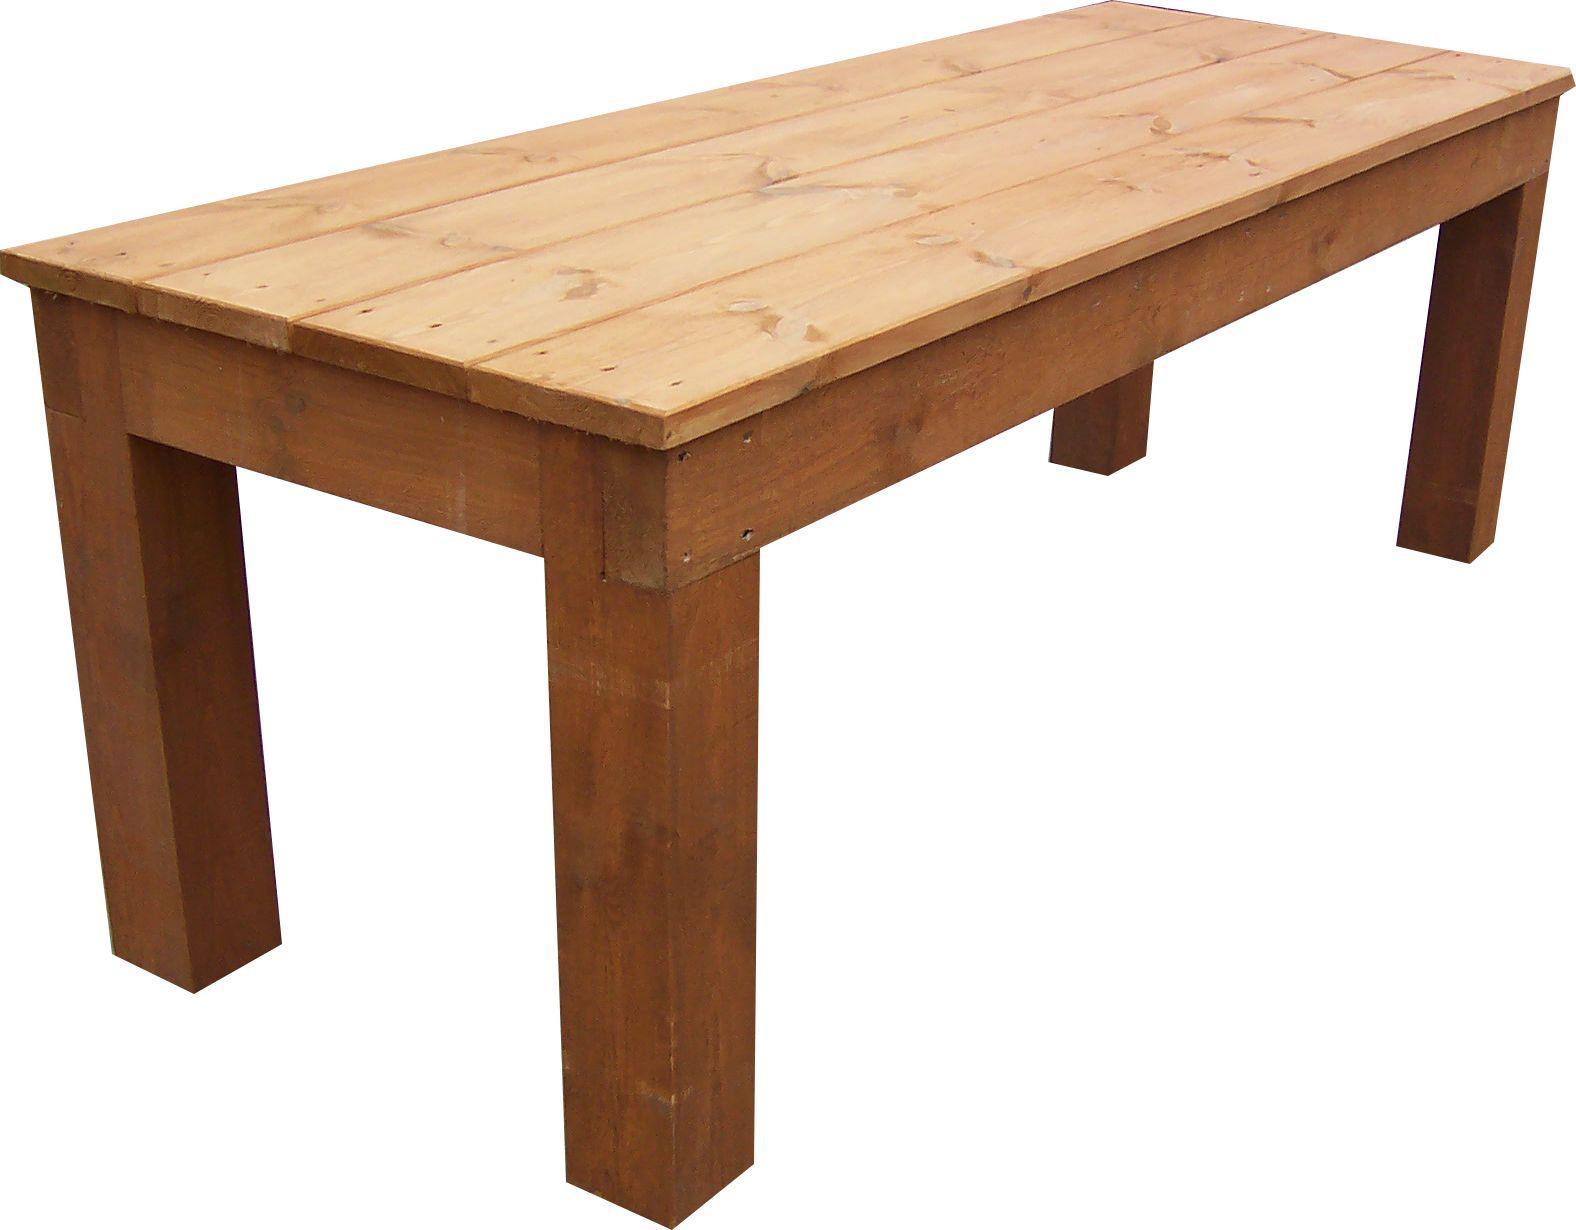 Tavoli da giardino country 10 0 1000 0 pezzi all 39 anno for Tavoli da giardino in promozione